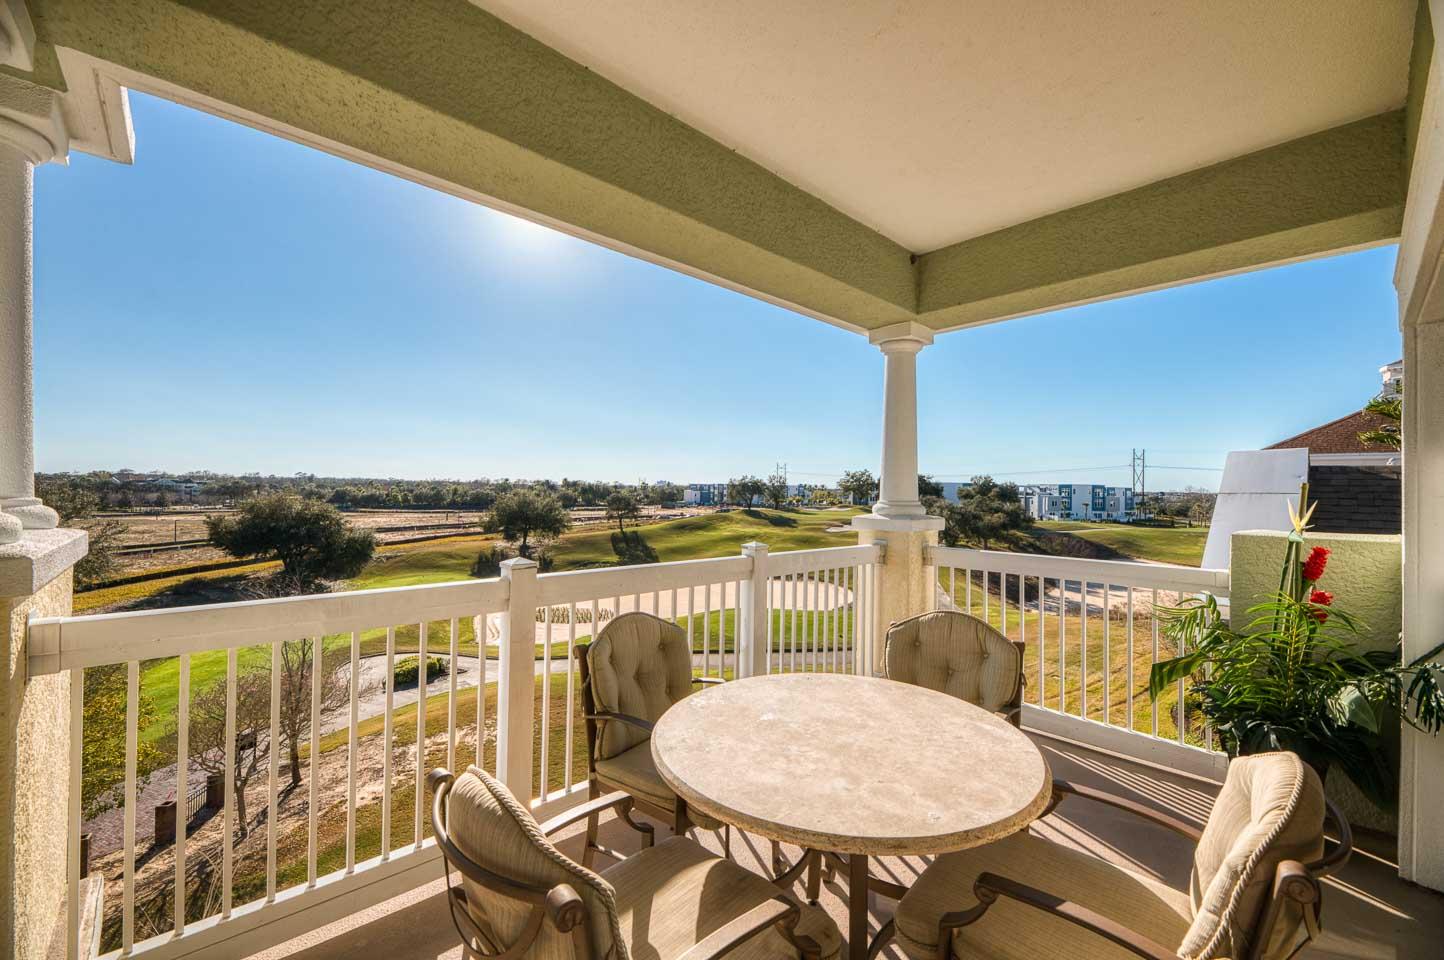 [amenities:balcony-view:3] Balcony View